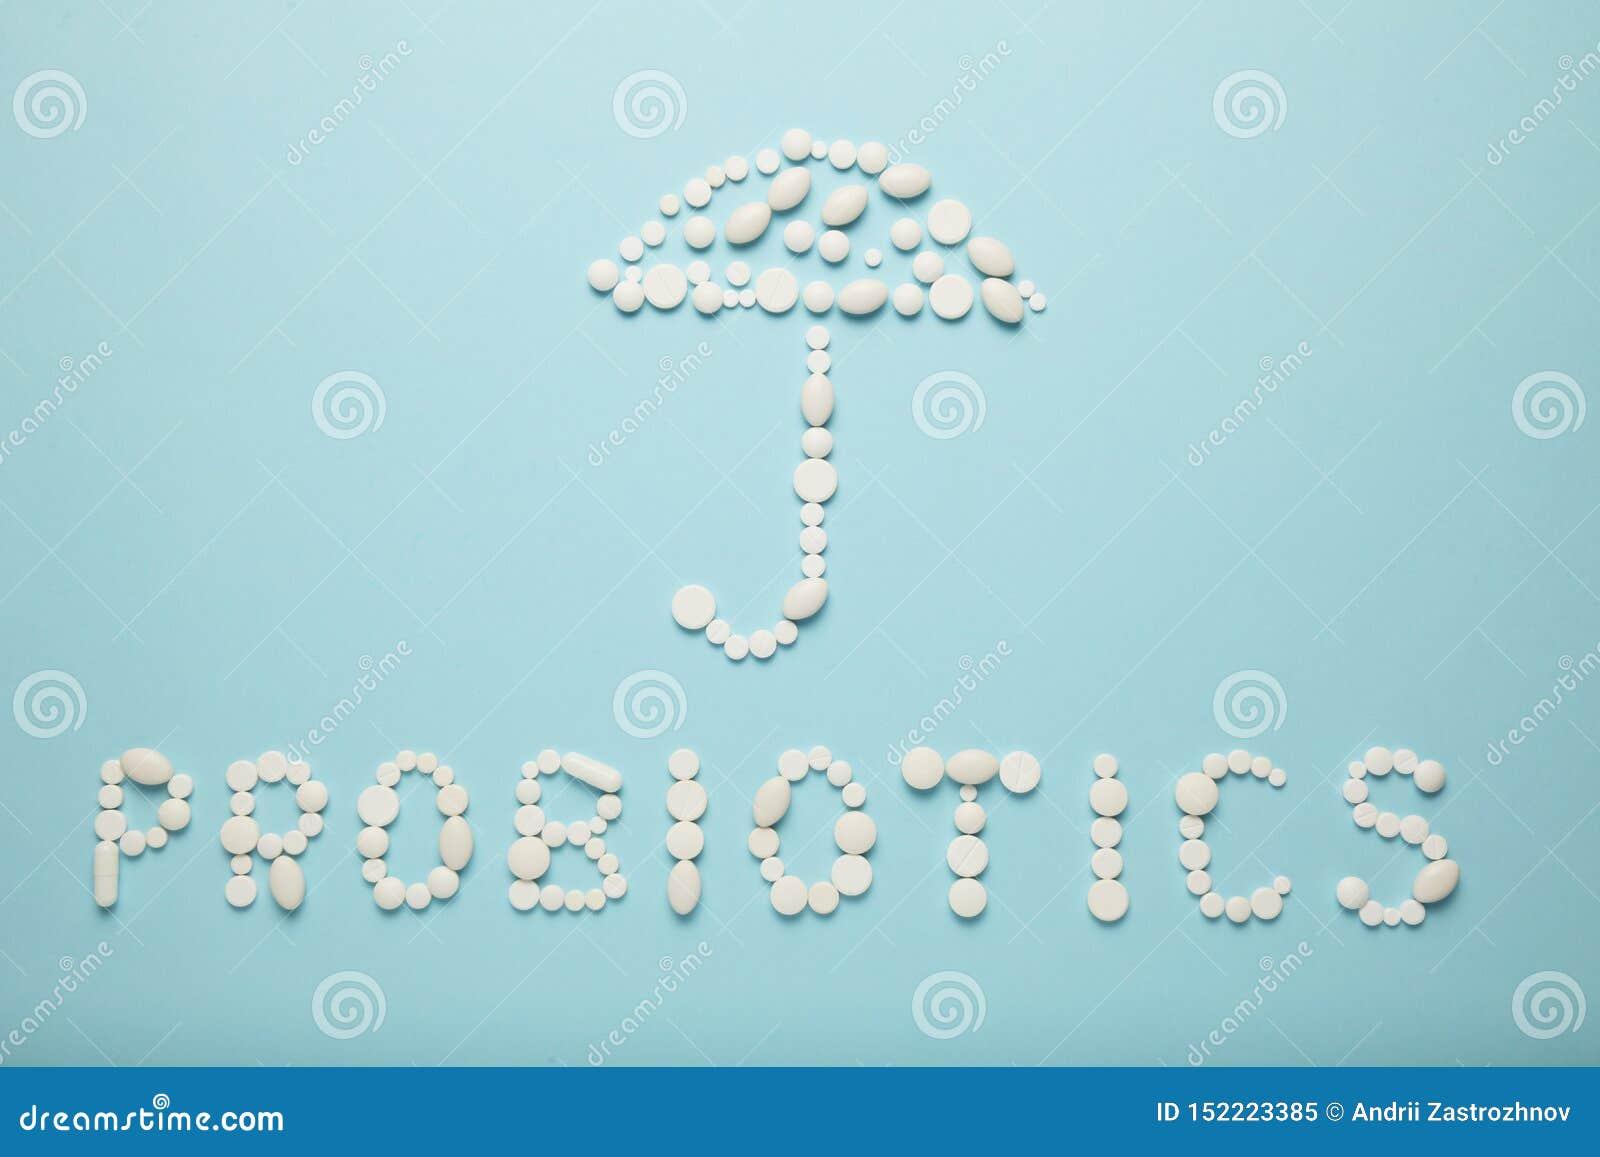 Intestinos e comprimidos, probiotics, antibi?ticos Guarda-chuva como um símbolo da proteção da entranhas